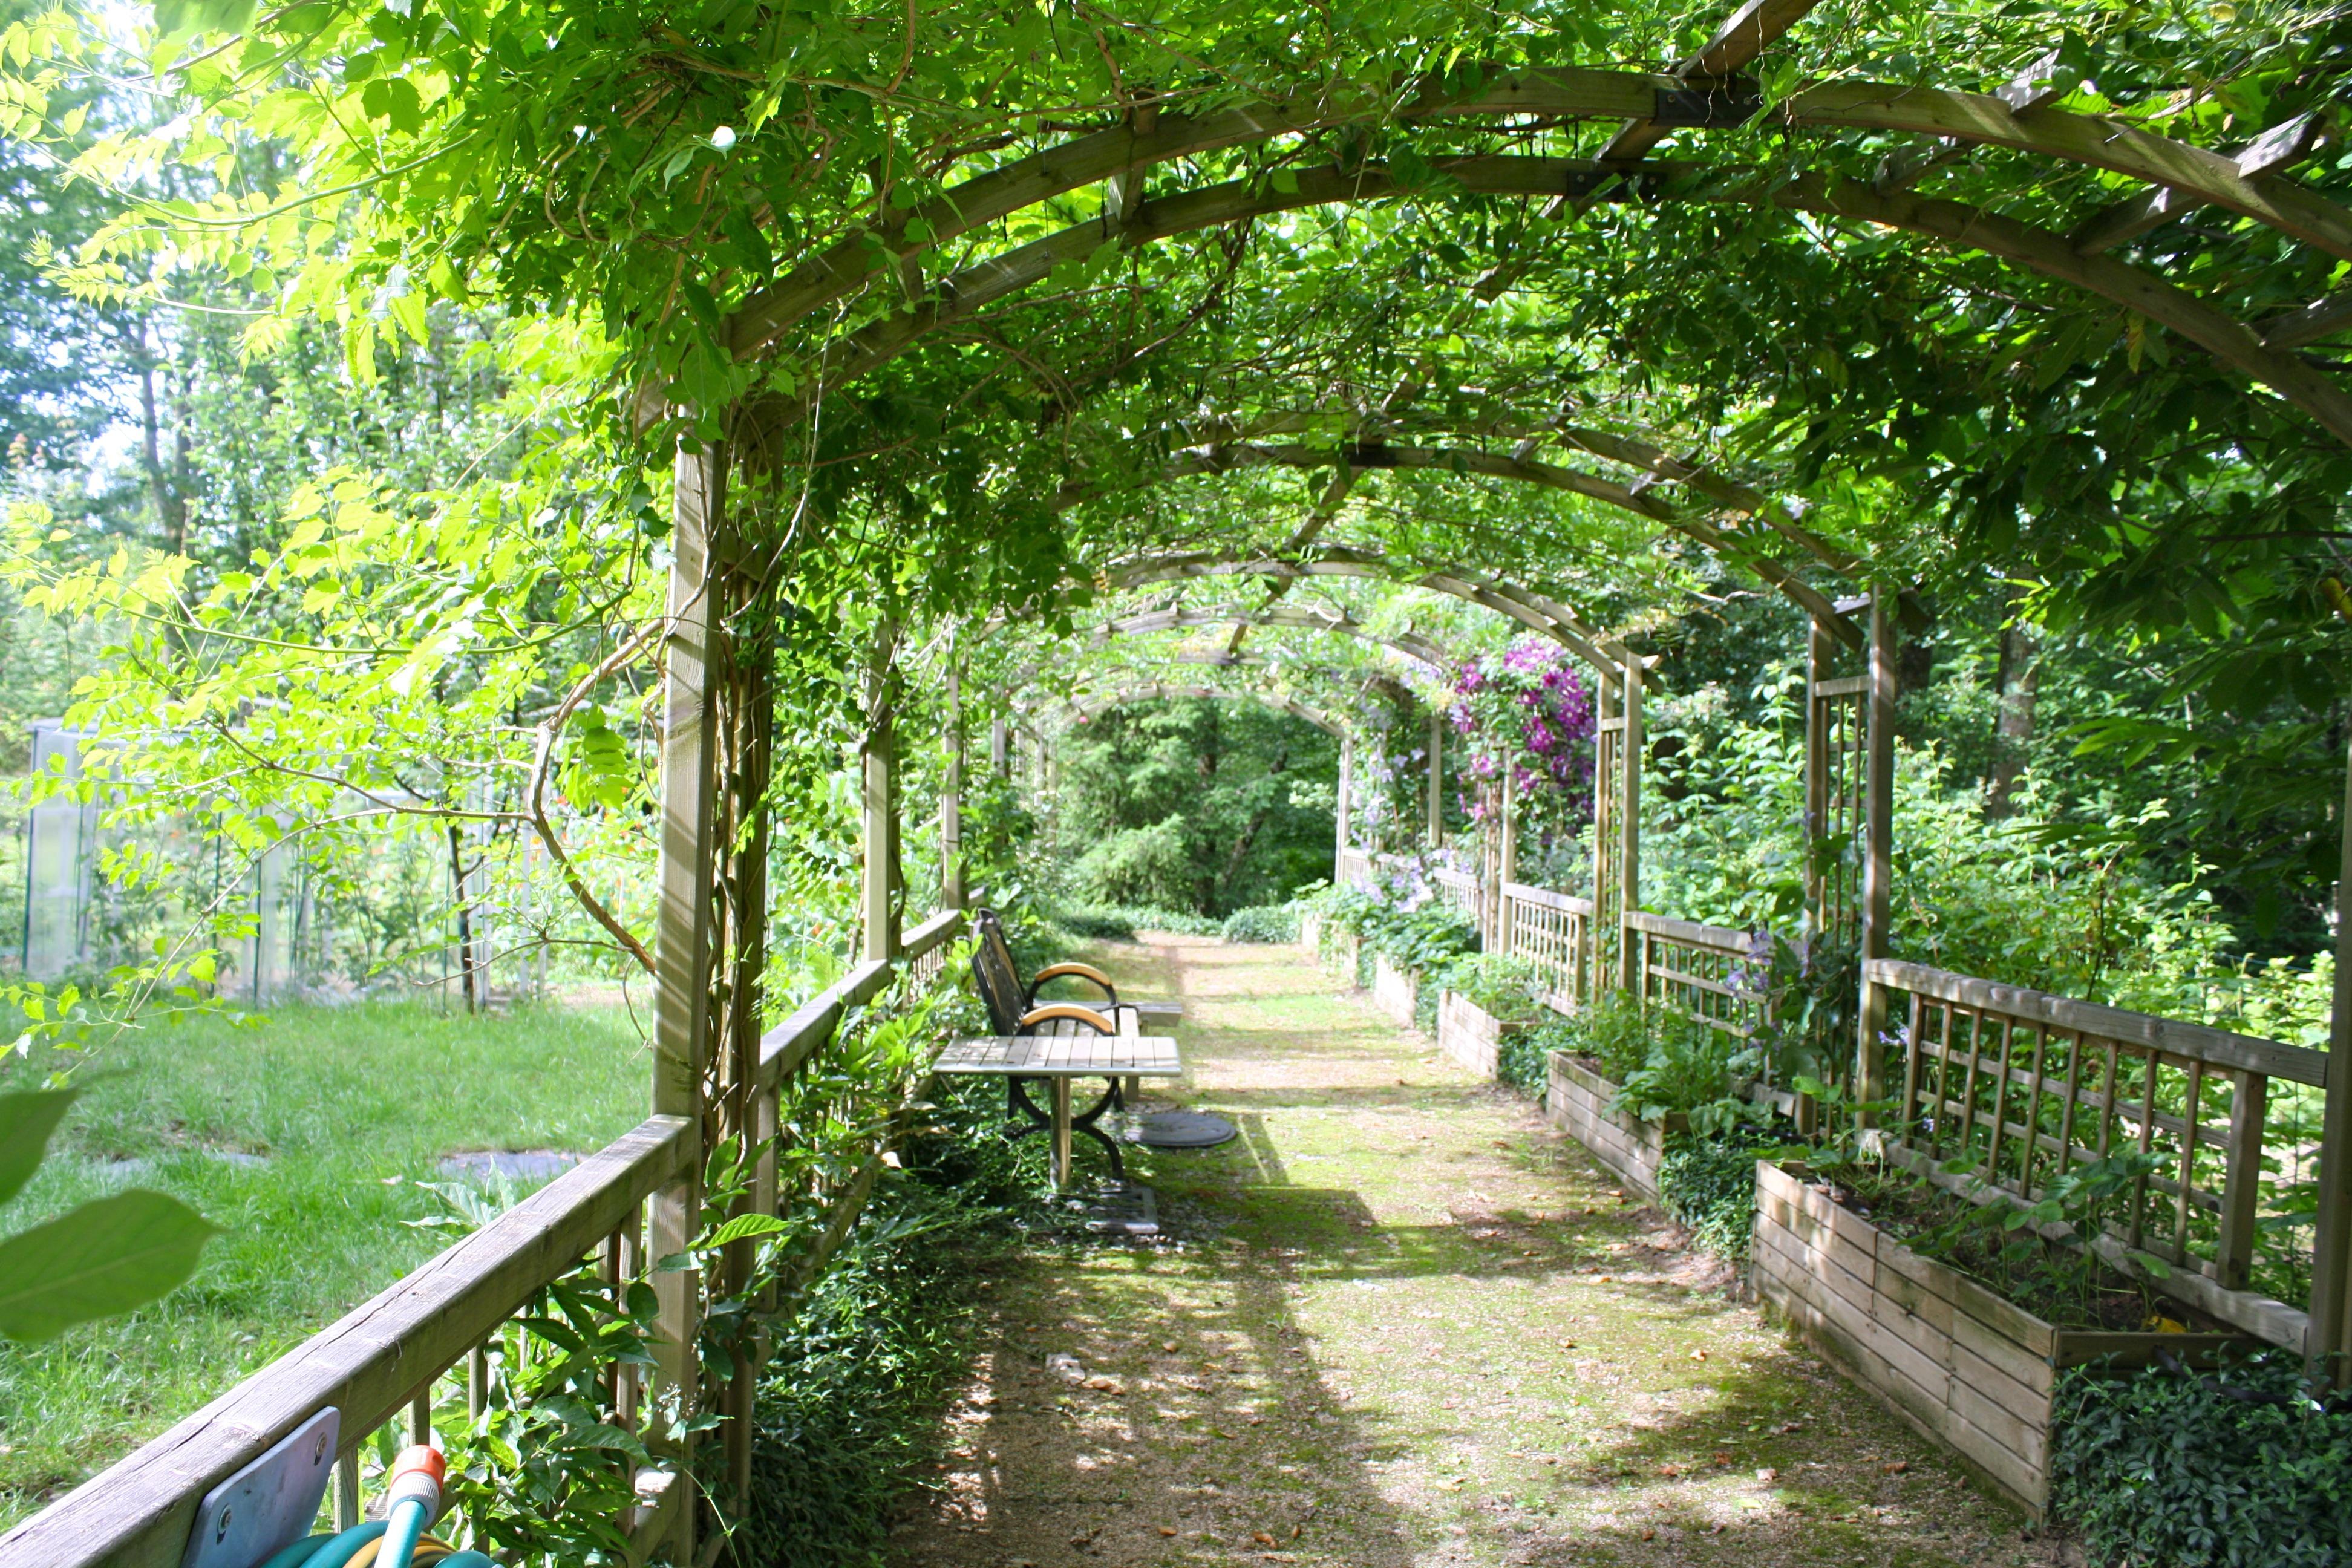 free images path flower jungle backyard botany leafy botanical garden estate arbor. Black Bedroom Furniture Sets. Home Design Ideas